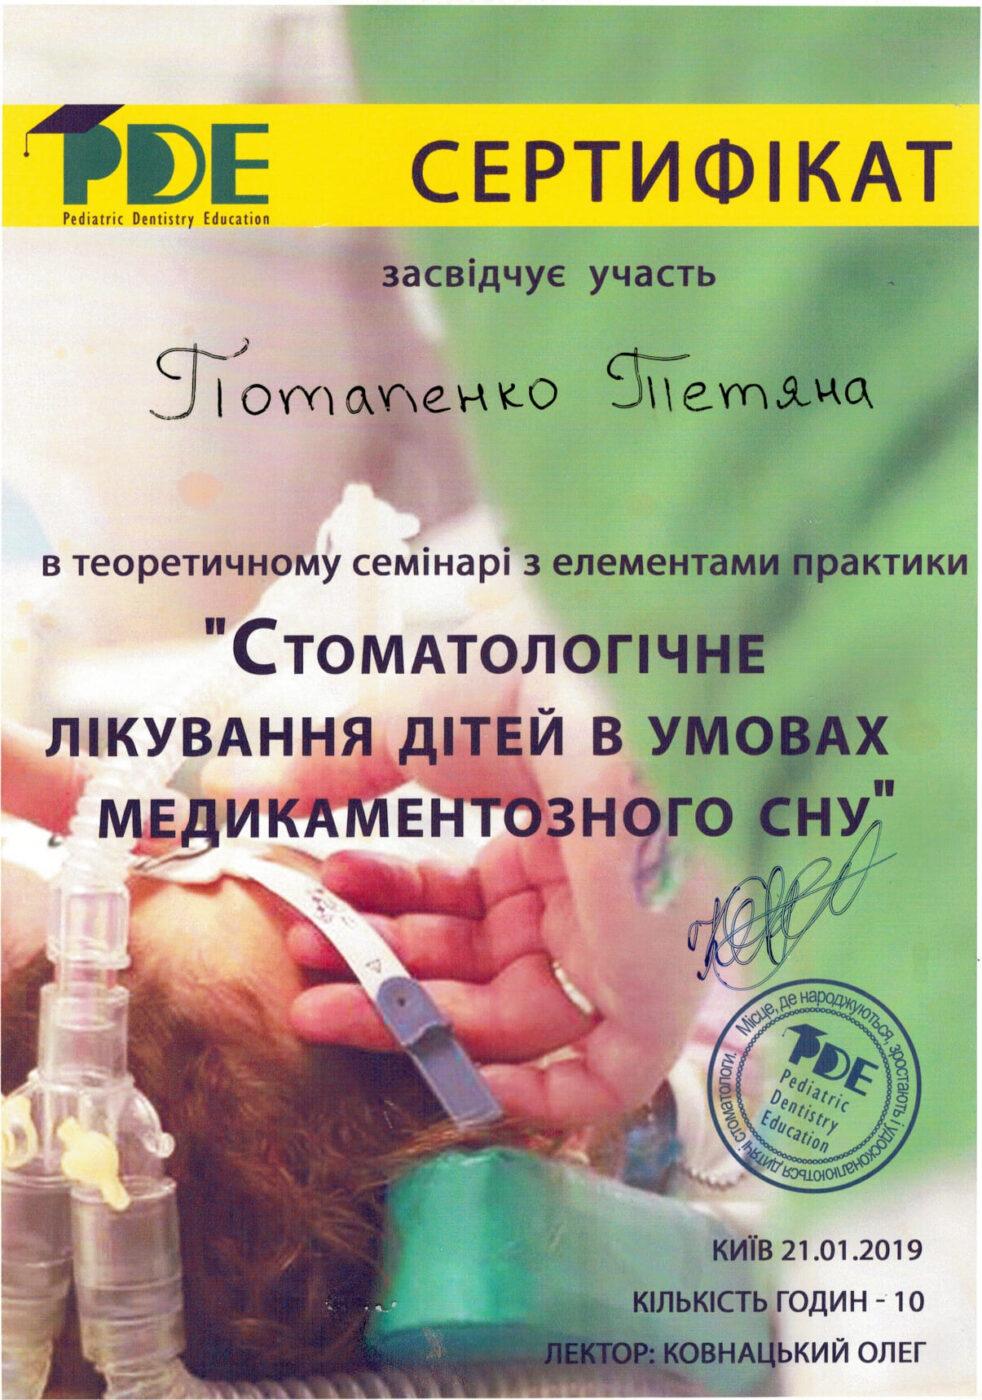 Сертифікат дитячого лікаря стоматолога Потапенко Тетяни Олексіївни об участі у семінарі (Стоматологічне ЛІКУВАННЯ ДІТЕЙ В УМОВАХ МЕДИКАМЕНТОЗНОГО СНУ)